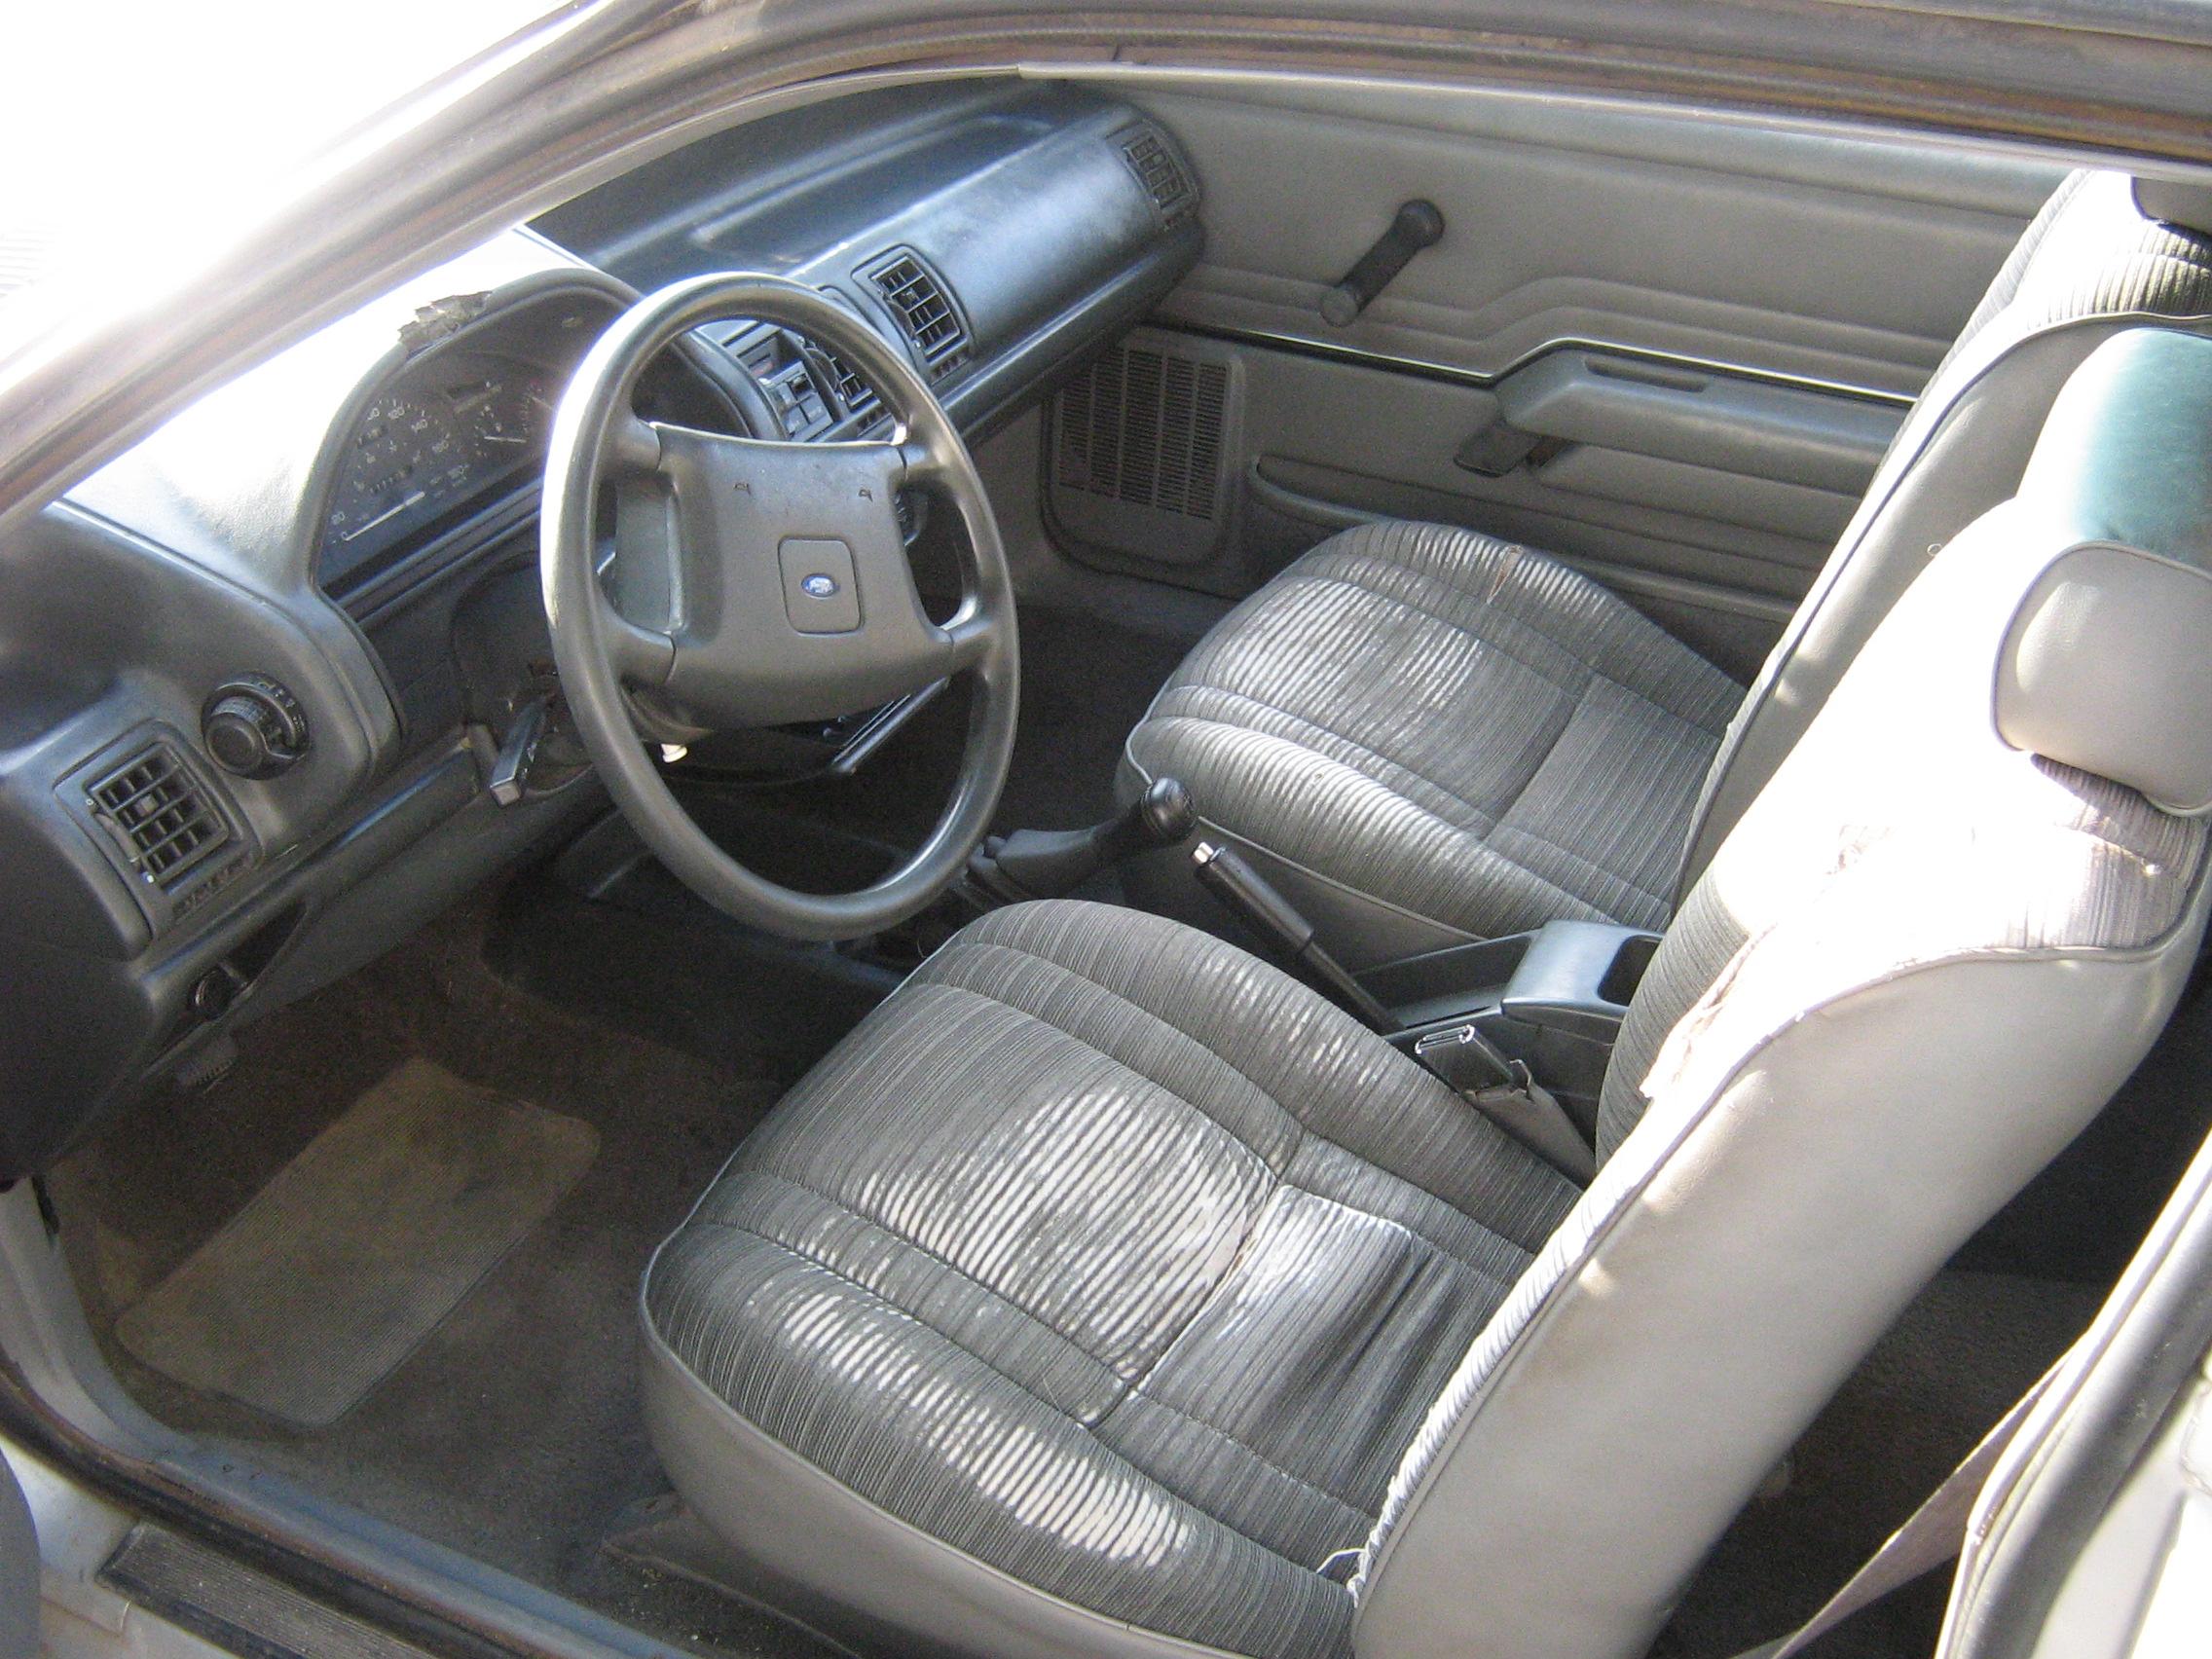 file 1988 ford tempo l interior 2772768753 jpg wikimedia commons rh commons wikimedia org ford tempo manual transmission craigslist ford tempo manual transmission